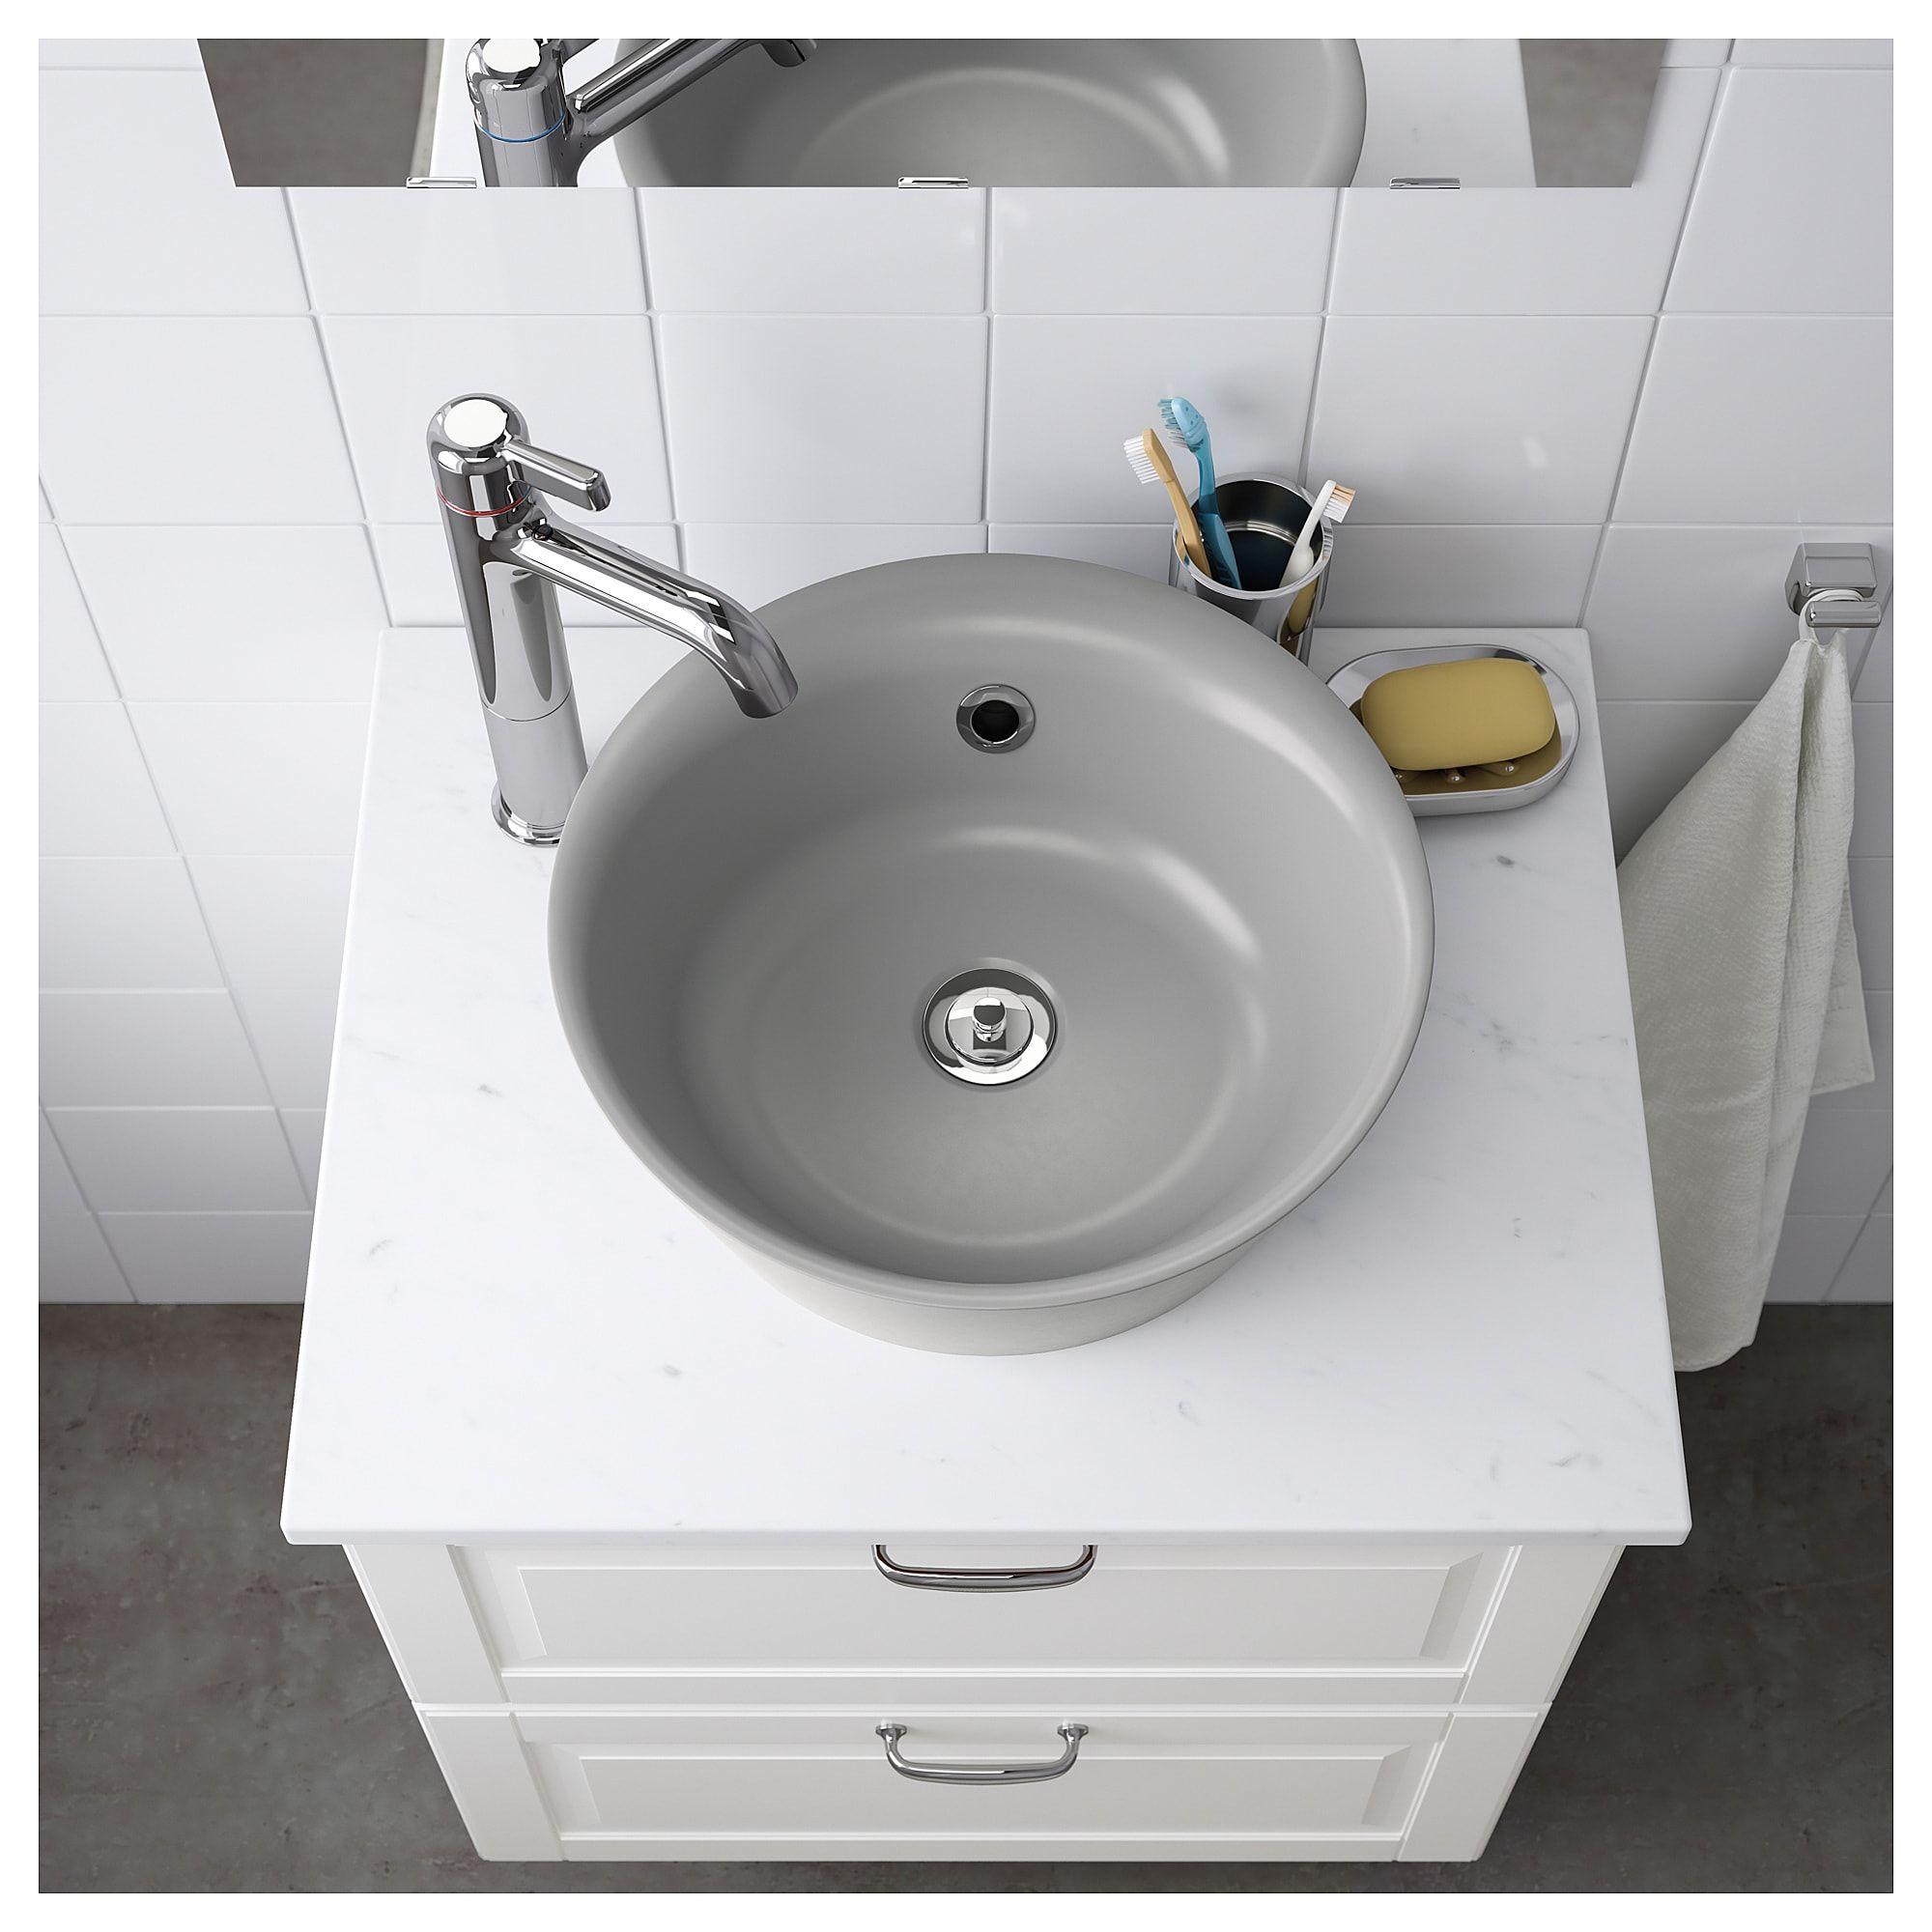 Kattevik Aufsatzwaschbecken Grau Ikea Deutschland Aufsatzwaschbecken Arbeitsflachen Ikea Waschbecken